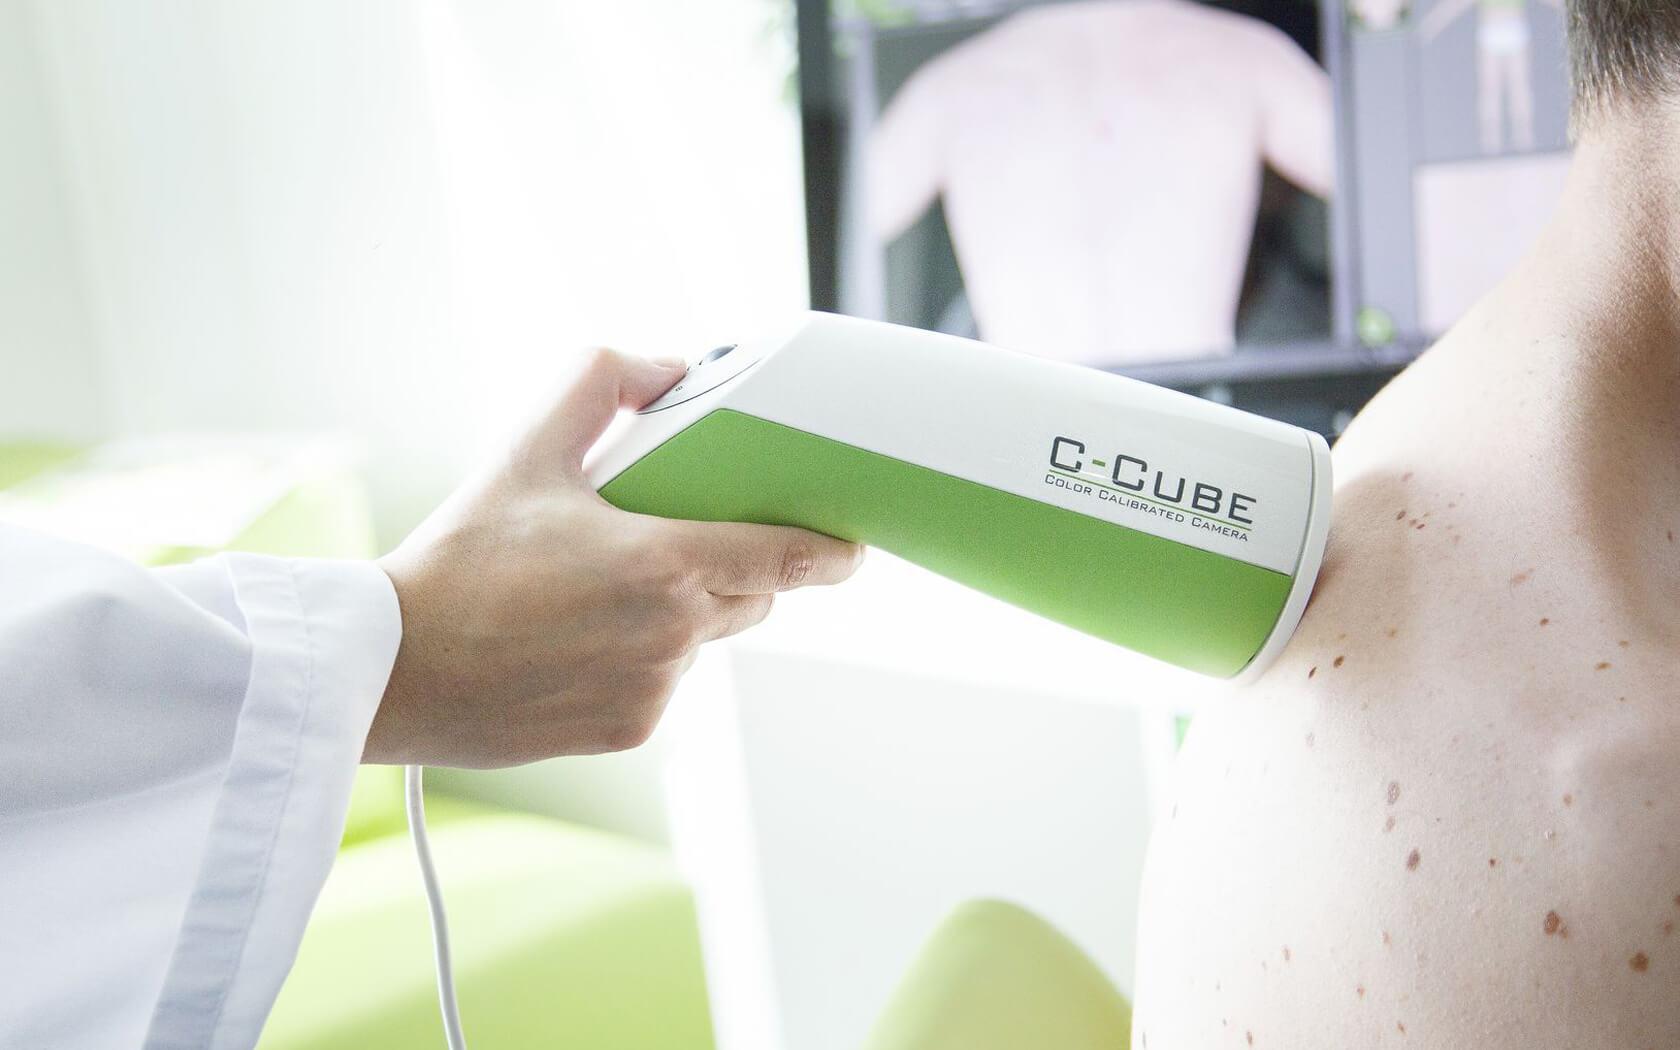 EDDS Design Projets Pixience C-Cube